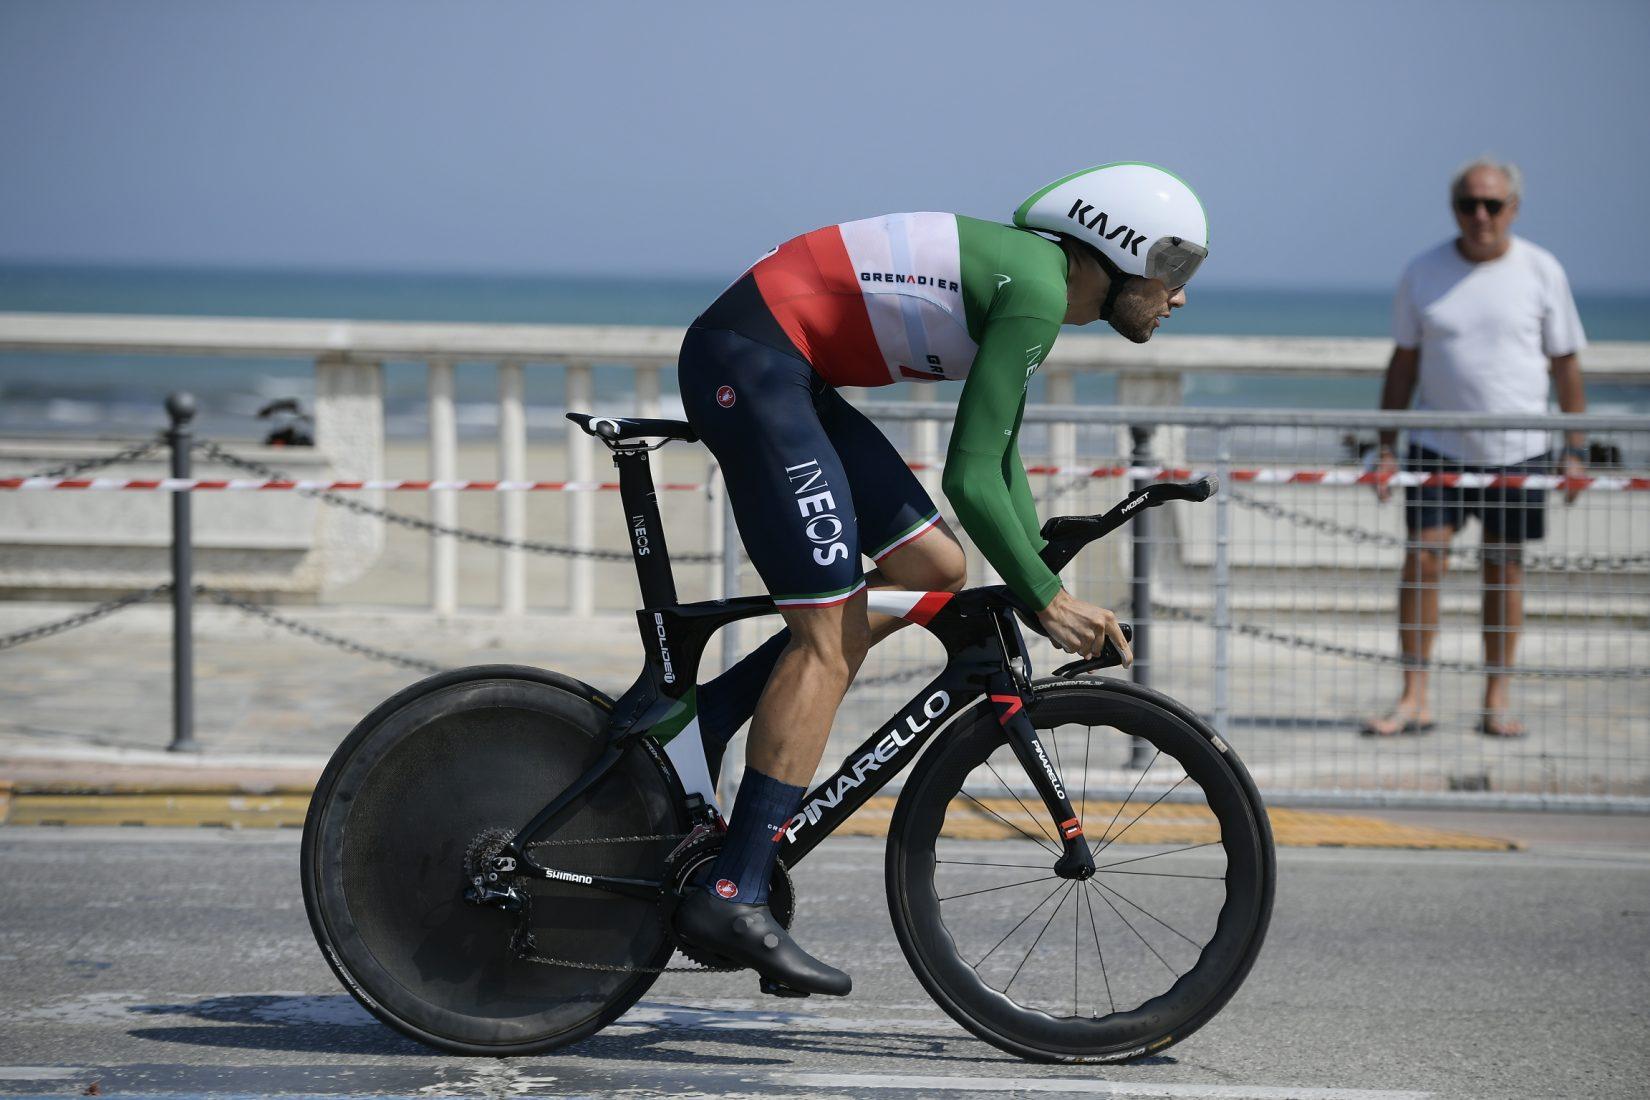 Le bici da crono della Tirreno-Adriatico